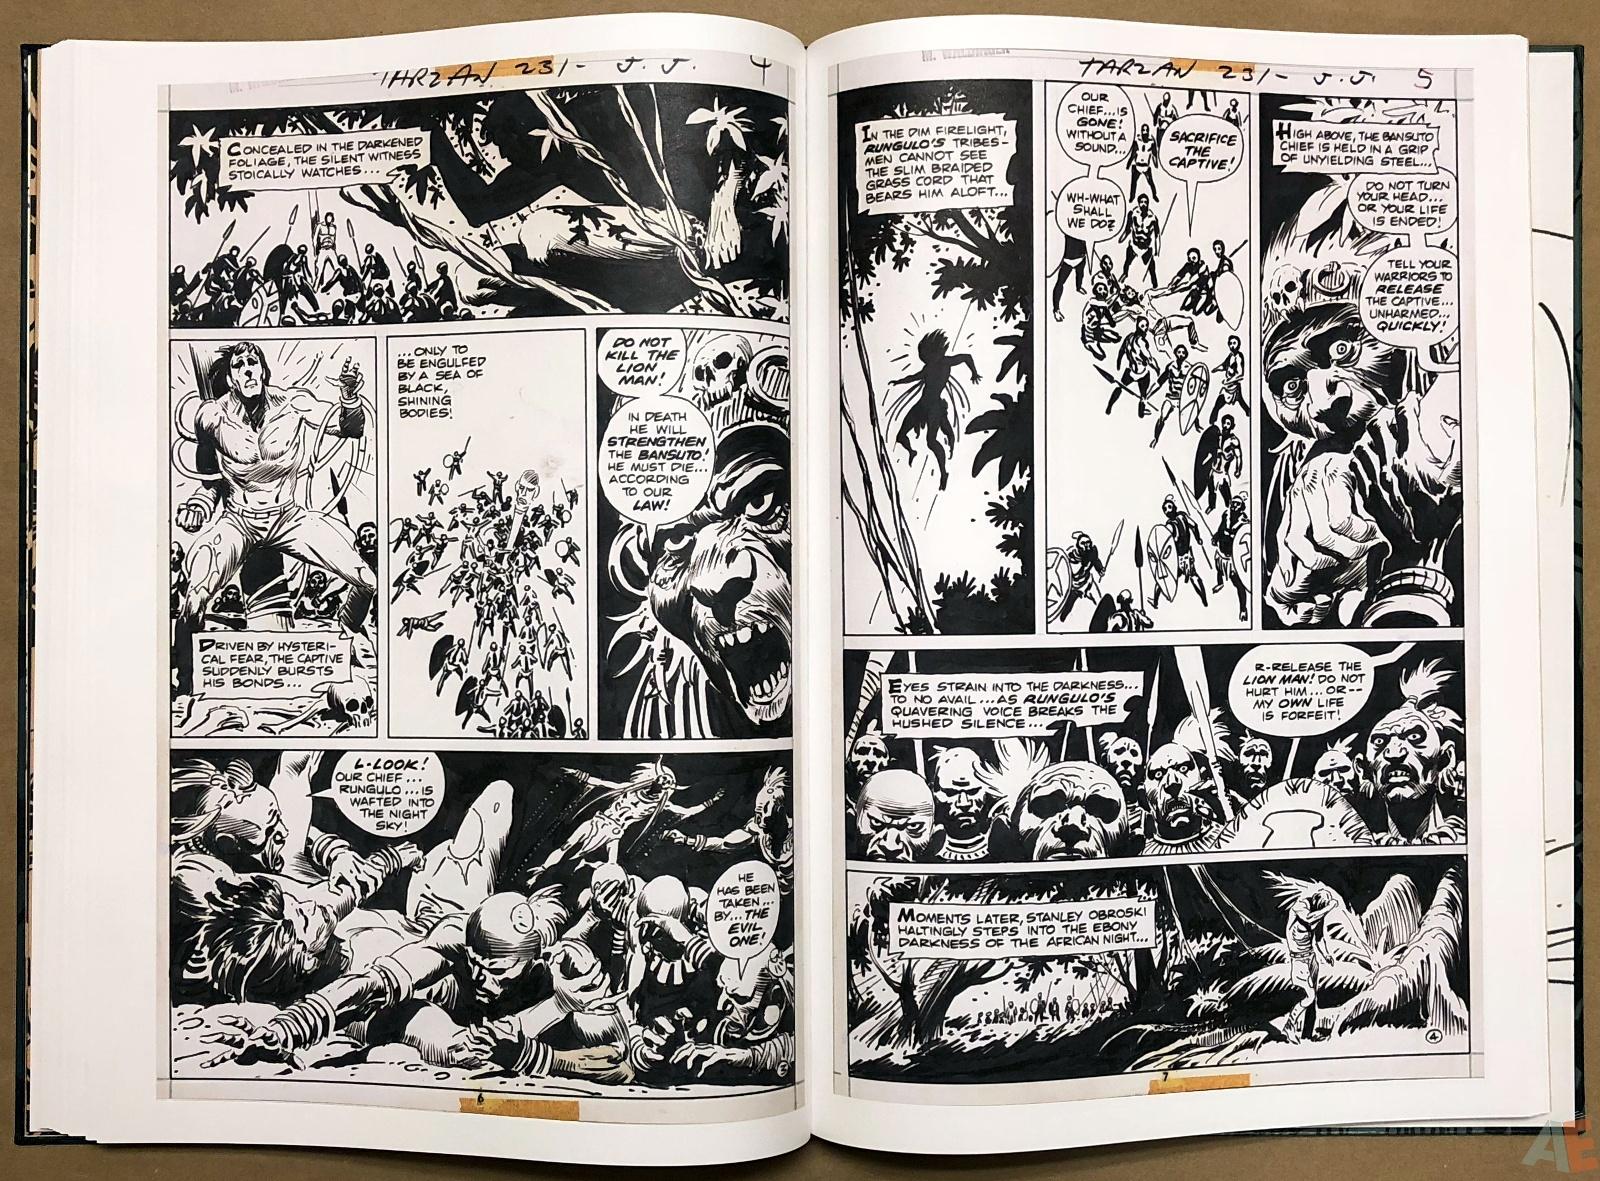 Joe Kubert's Tarzan and the Lion Man Artist's Edition 30